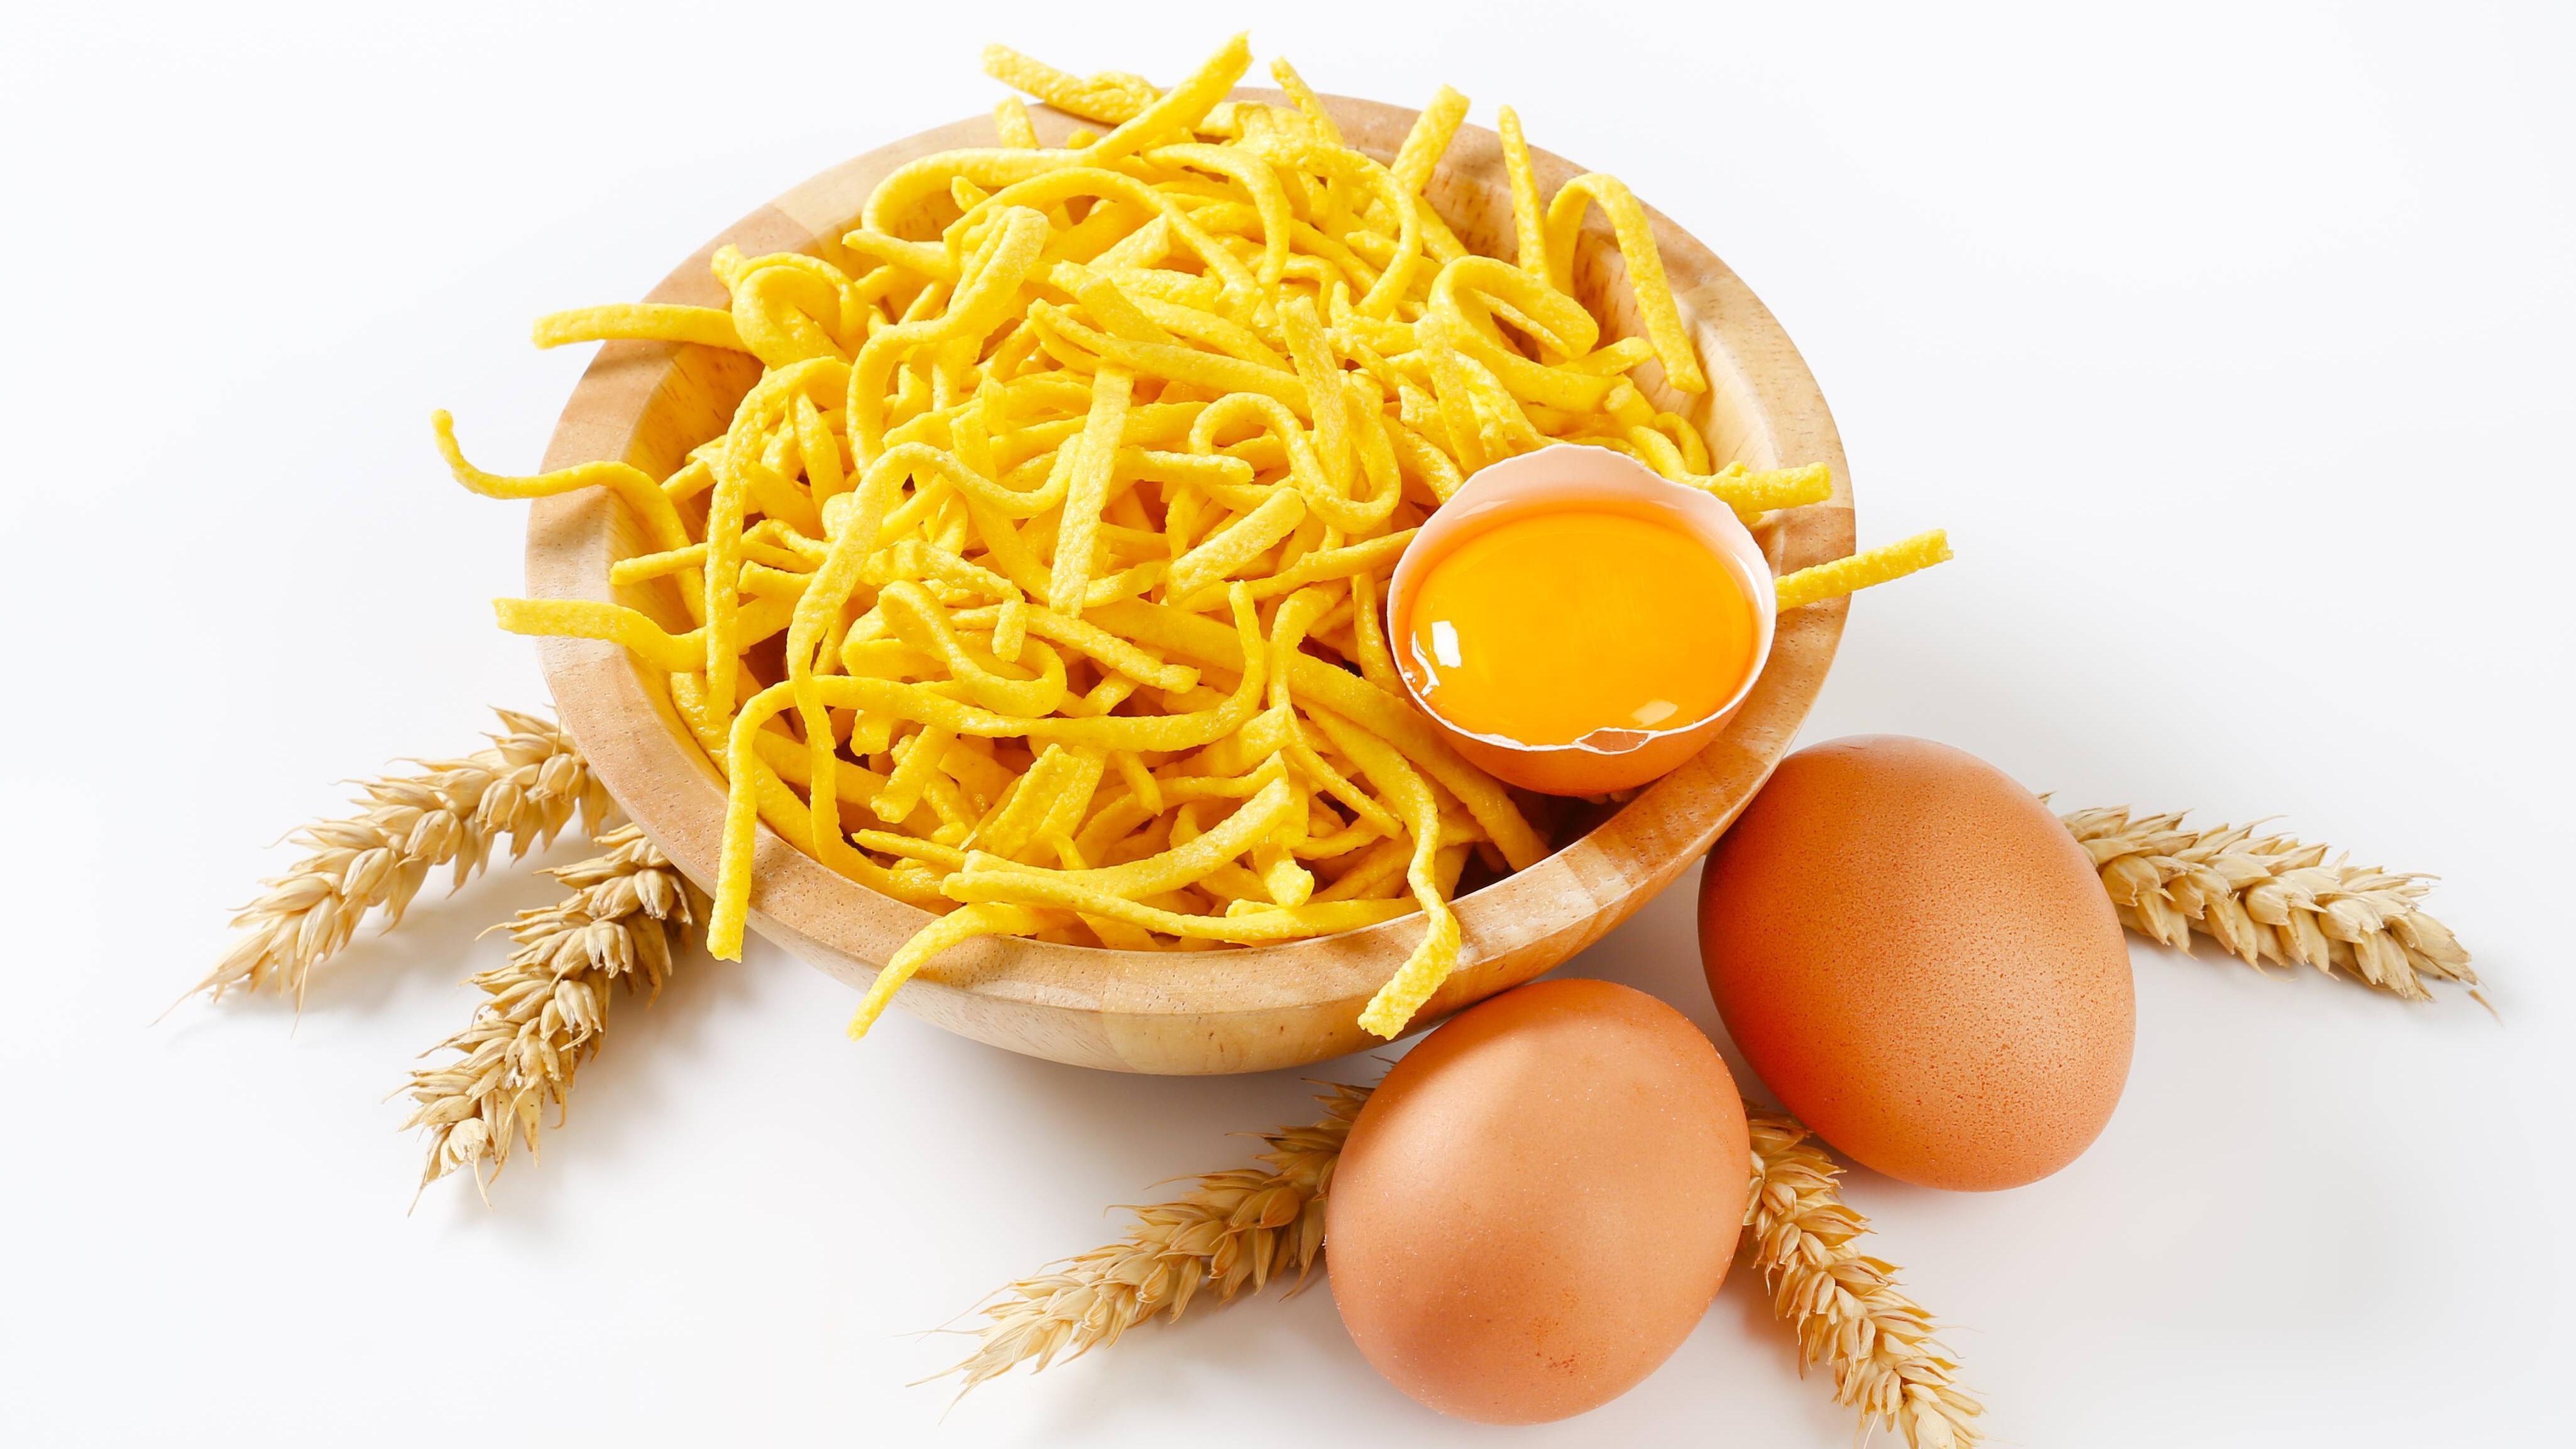 Zu viel Eiweiß - daran merken Sie den Proteinüberschuss